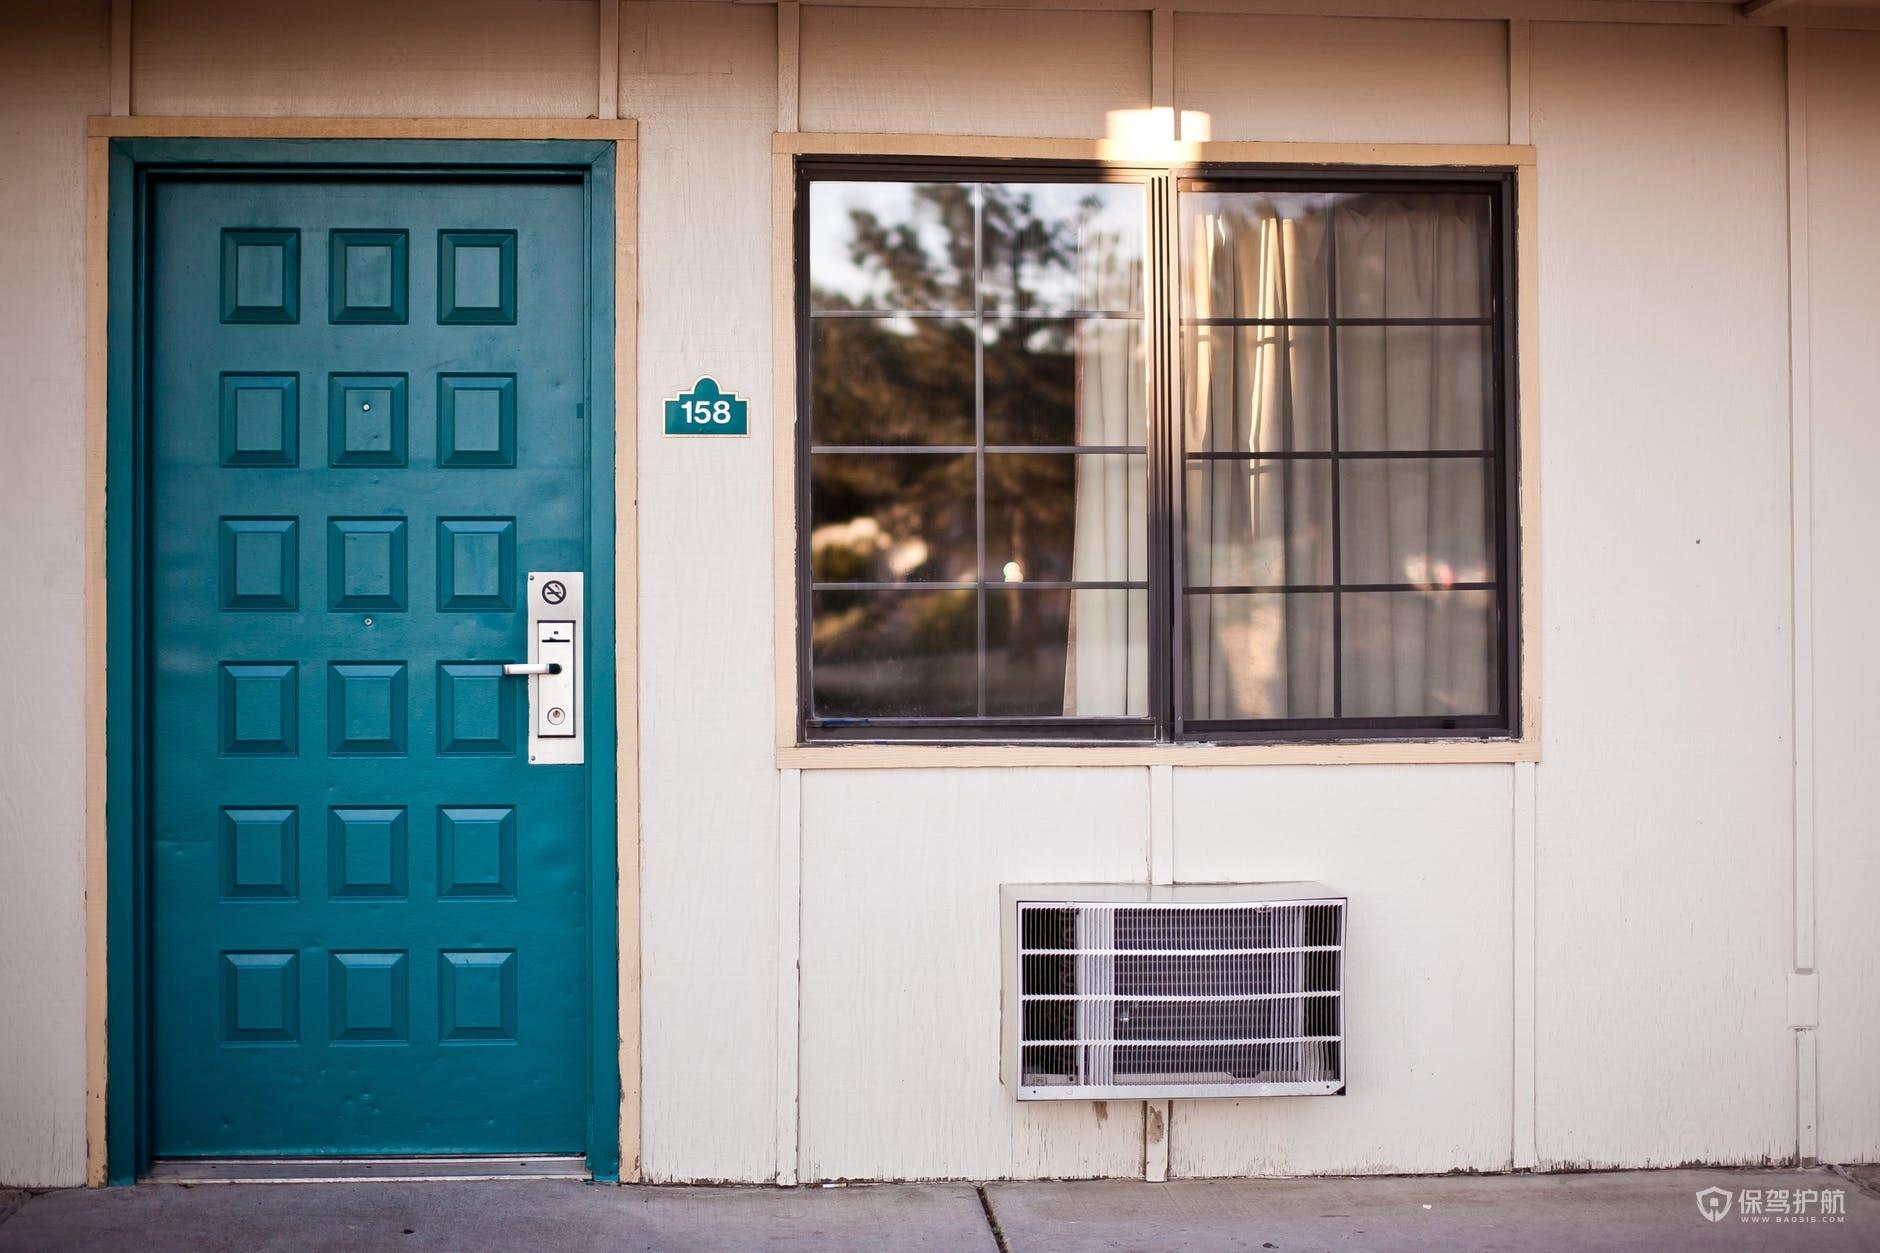 装修房子门面流行风格有哪些—门口装修